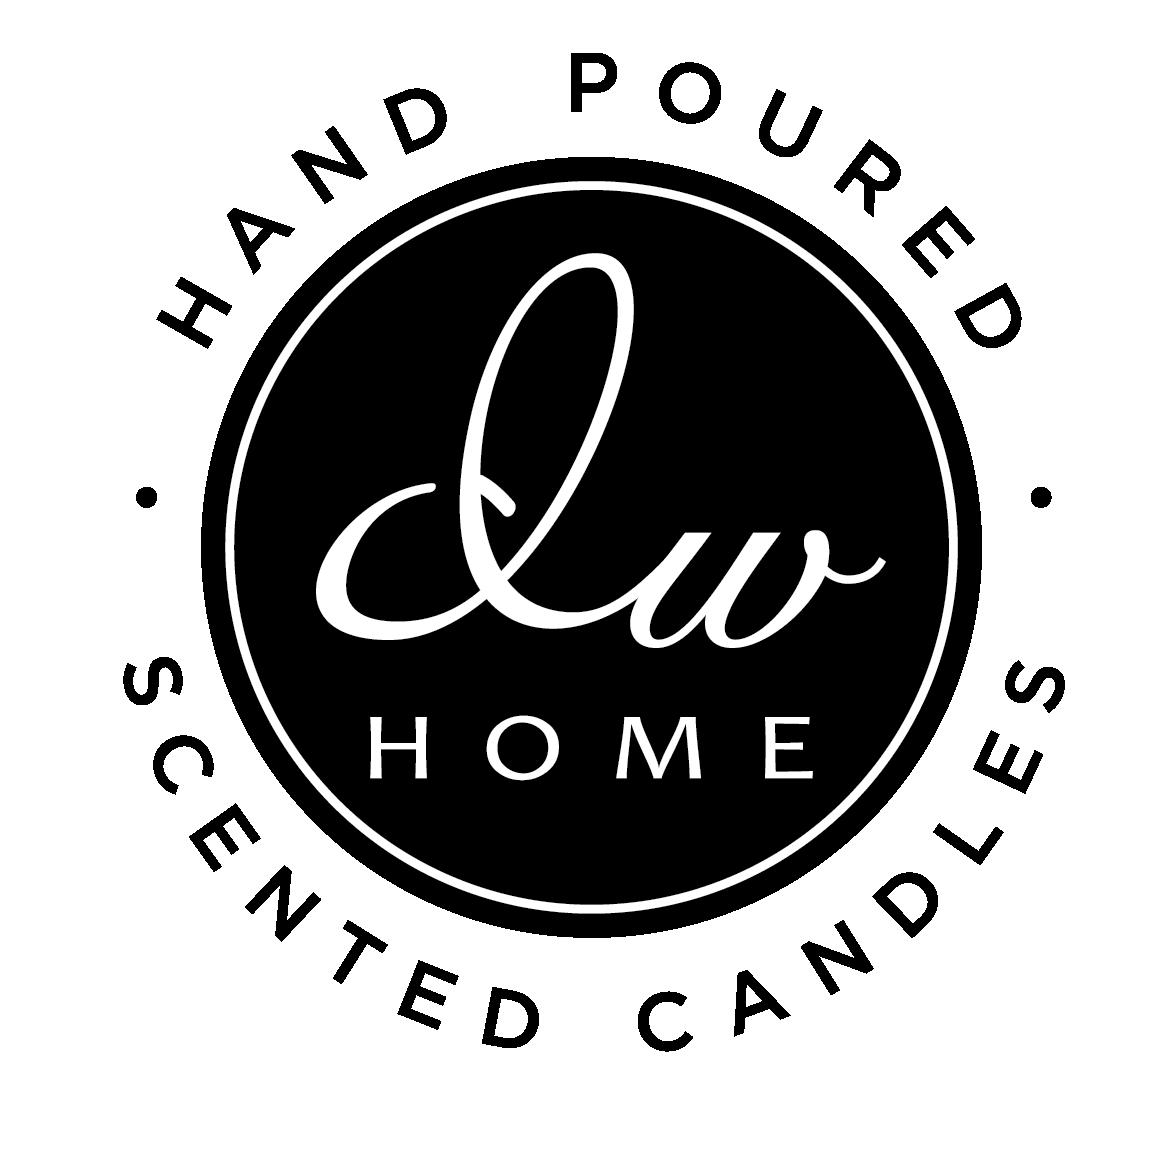 Dw Home's logo